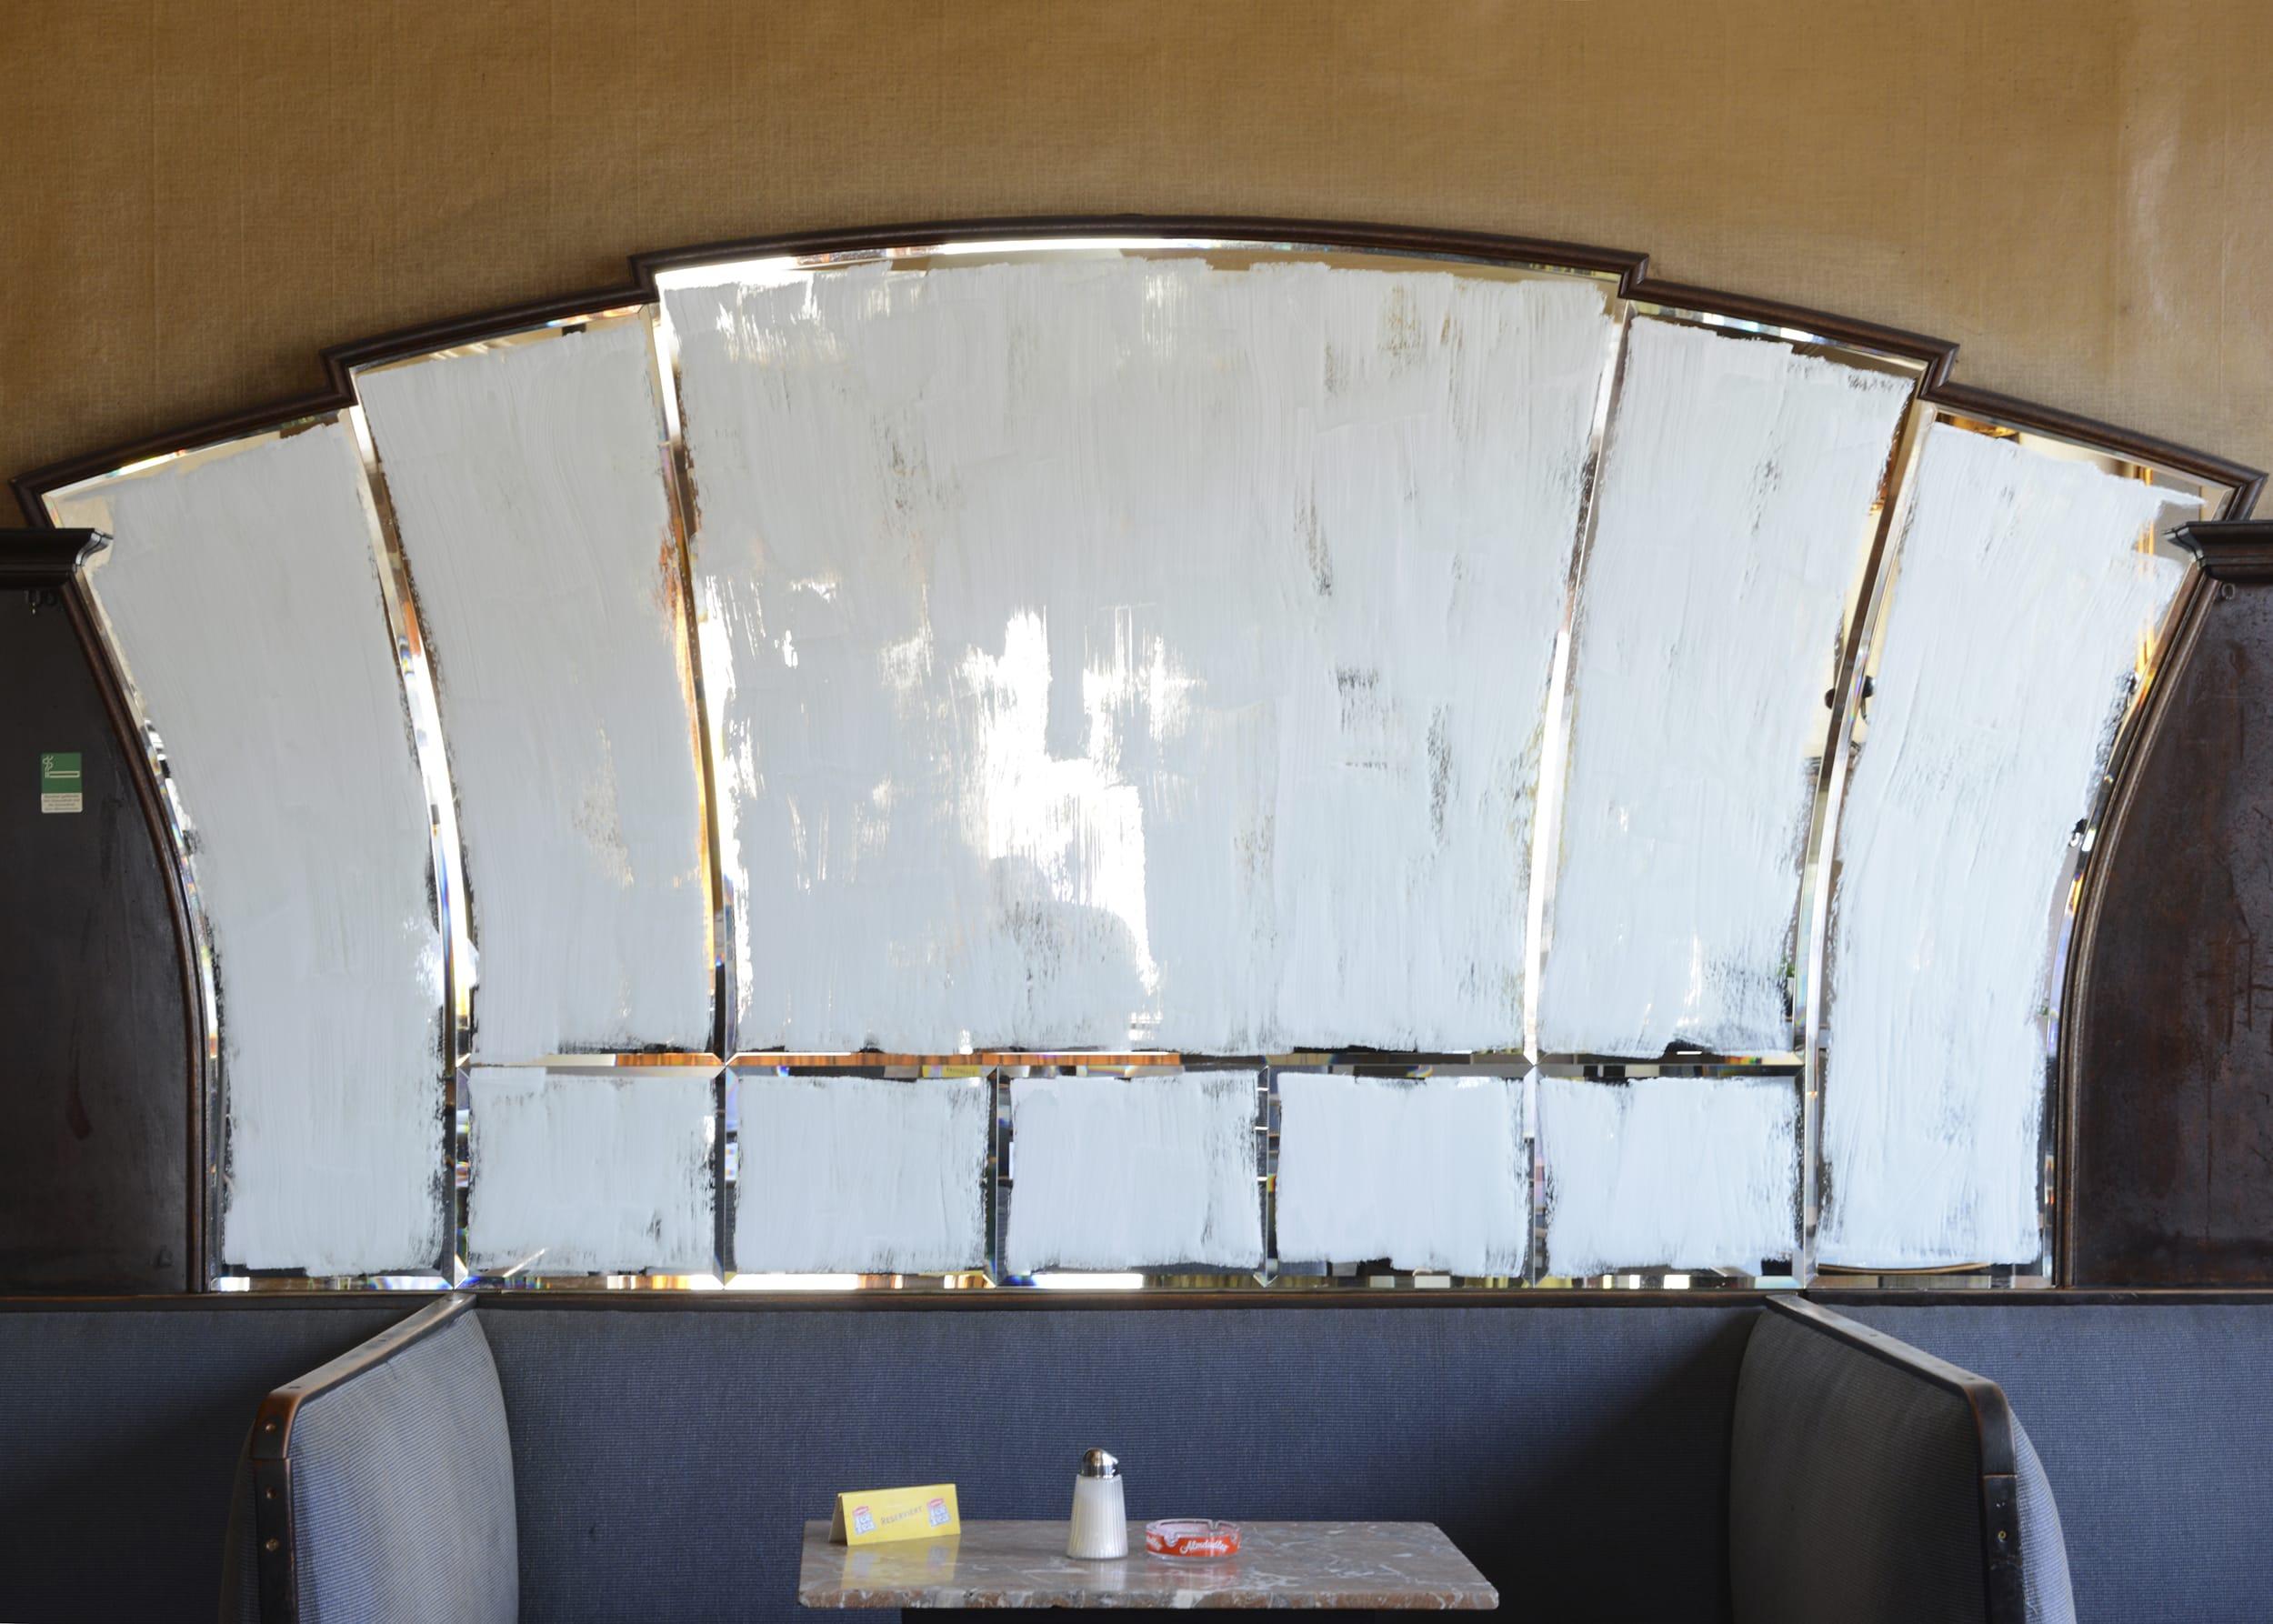 Katharina-Stiglitz-Untitled-Cafe-Weidinger-02